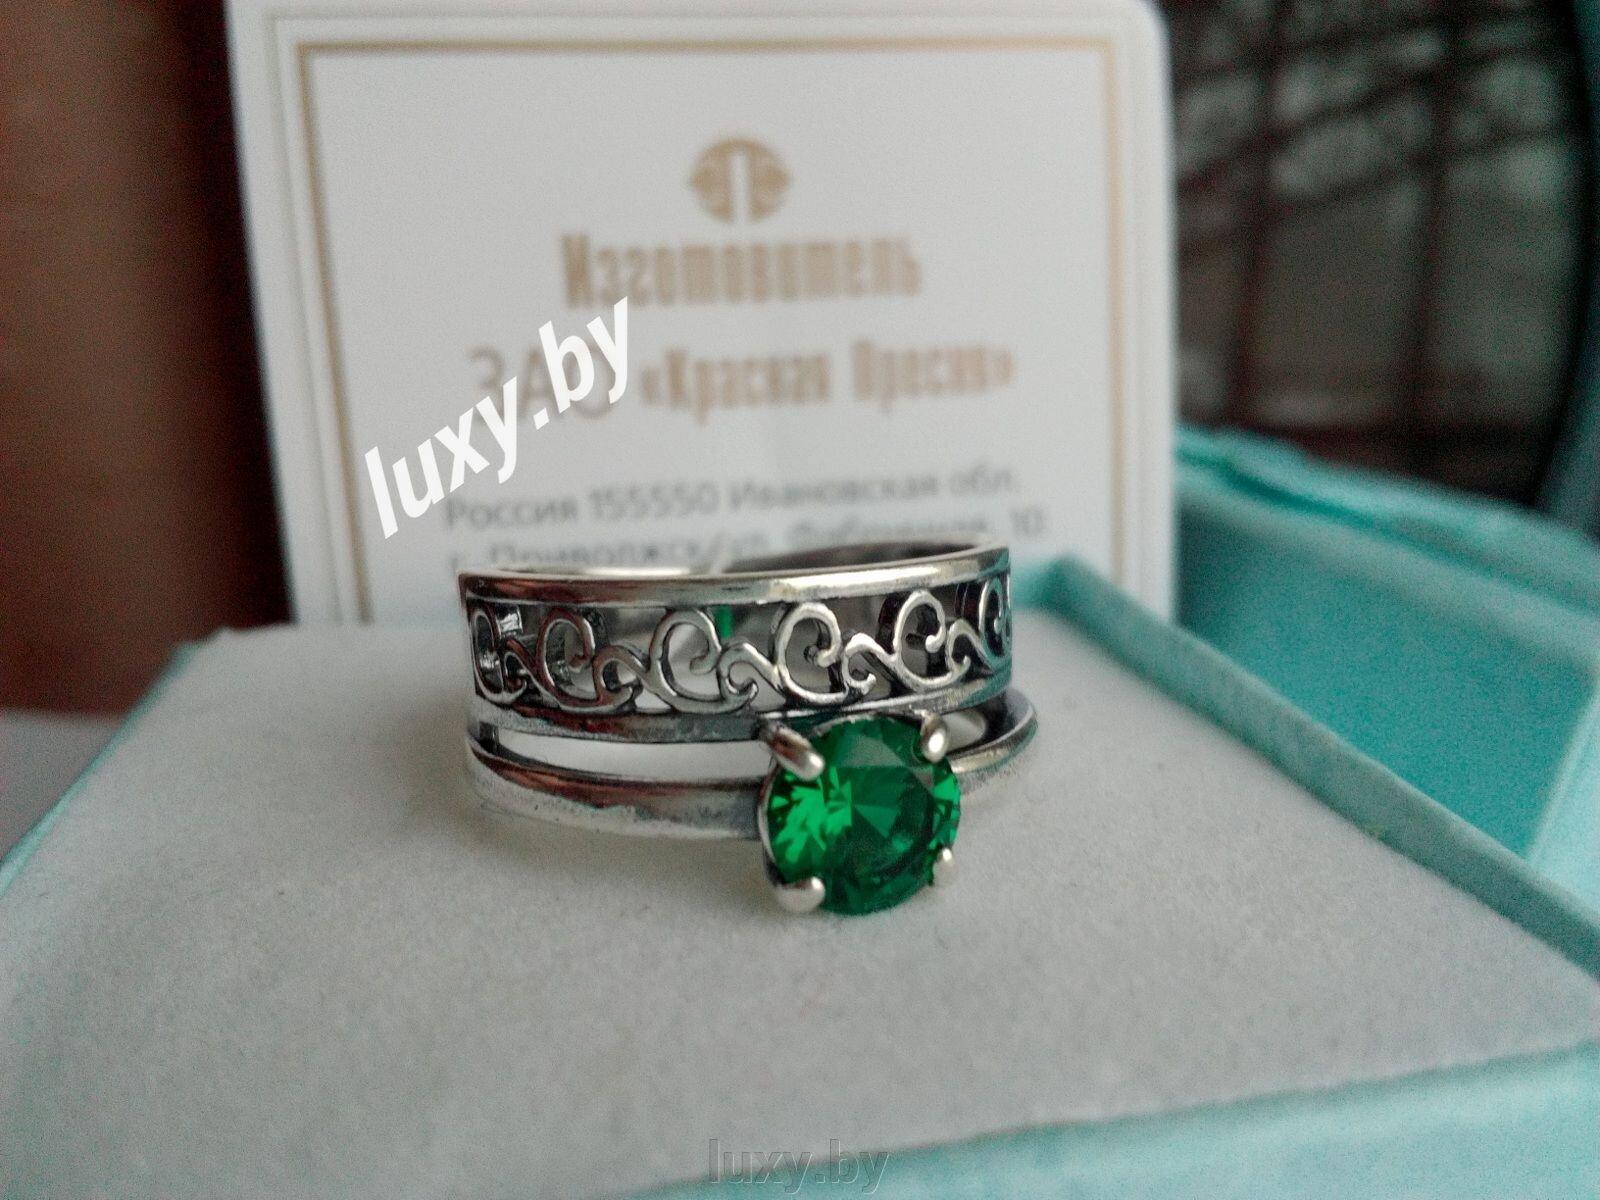 Кольцо серебрение Красная пресня с зелёным камнем, арт.2487814-7 - фото pic_0f3af7ec1263280_1920x9000_1.jpg